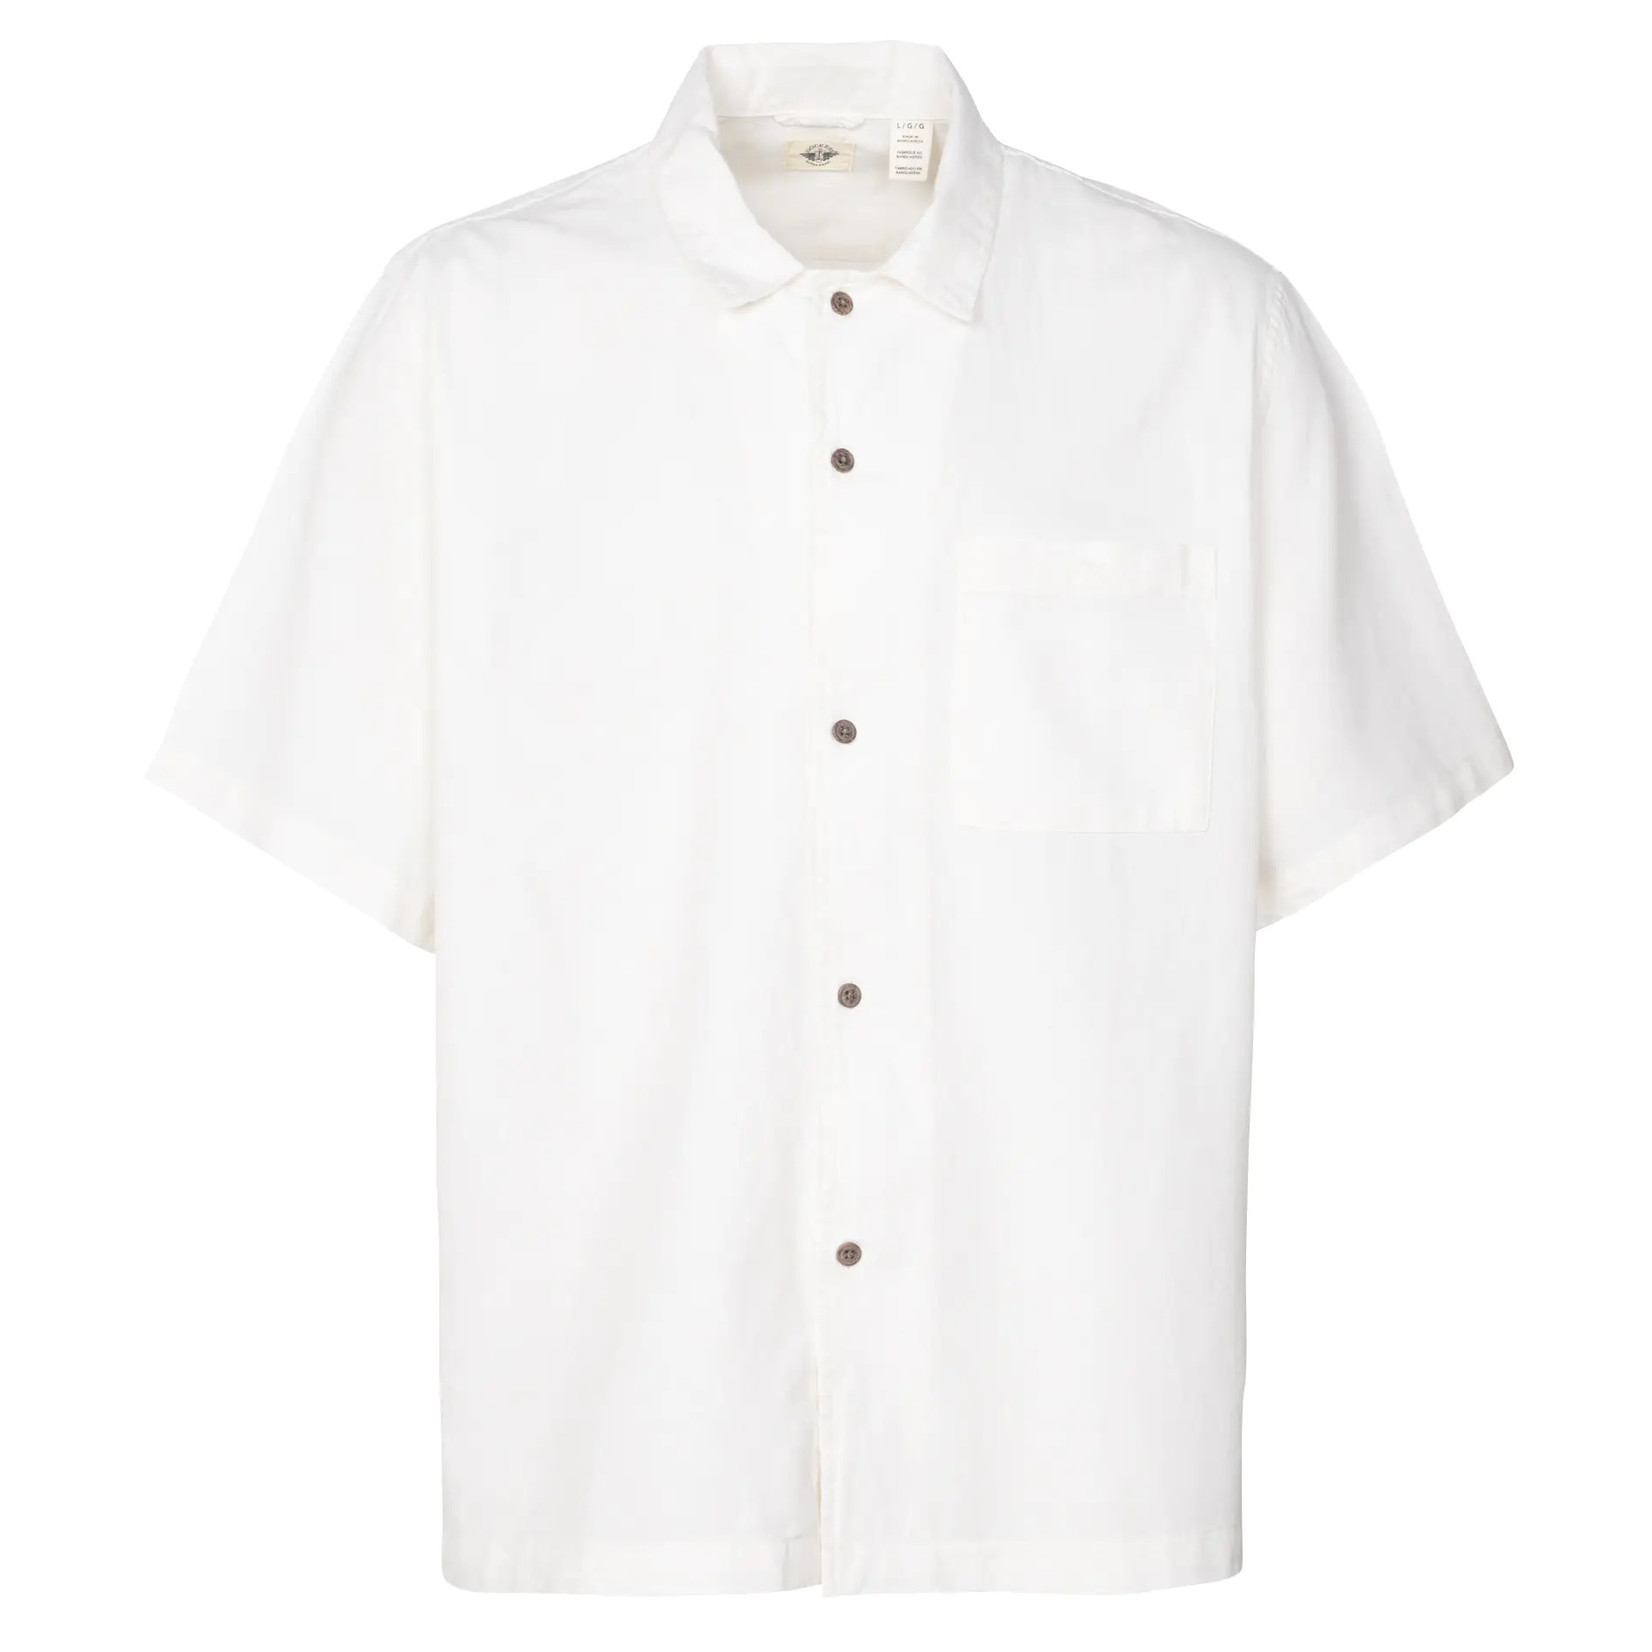 Dockers Dockers 87189 Boxy Short Sleeve Shirt